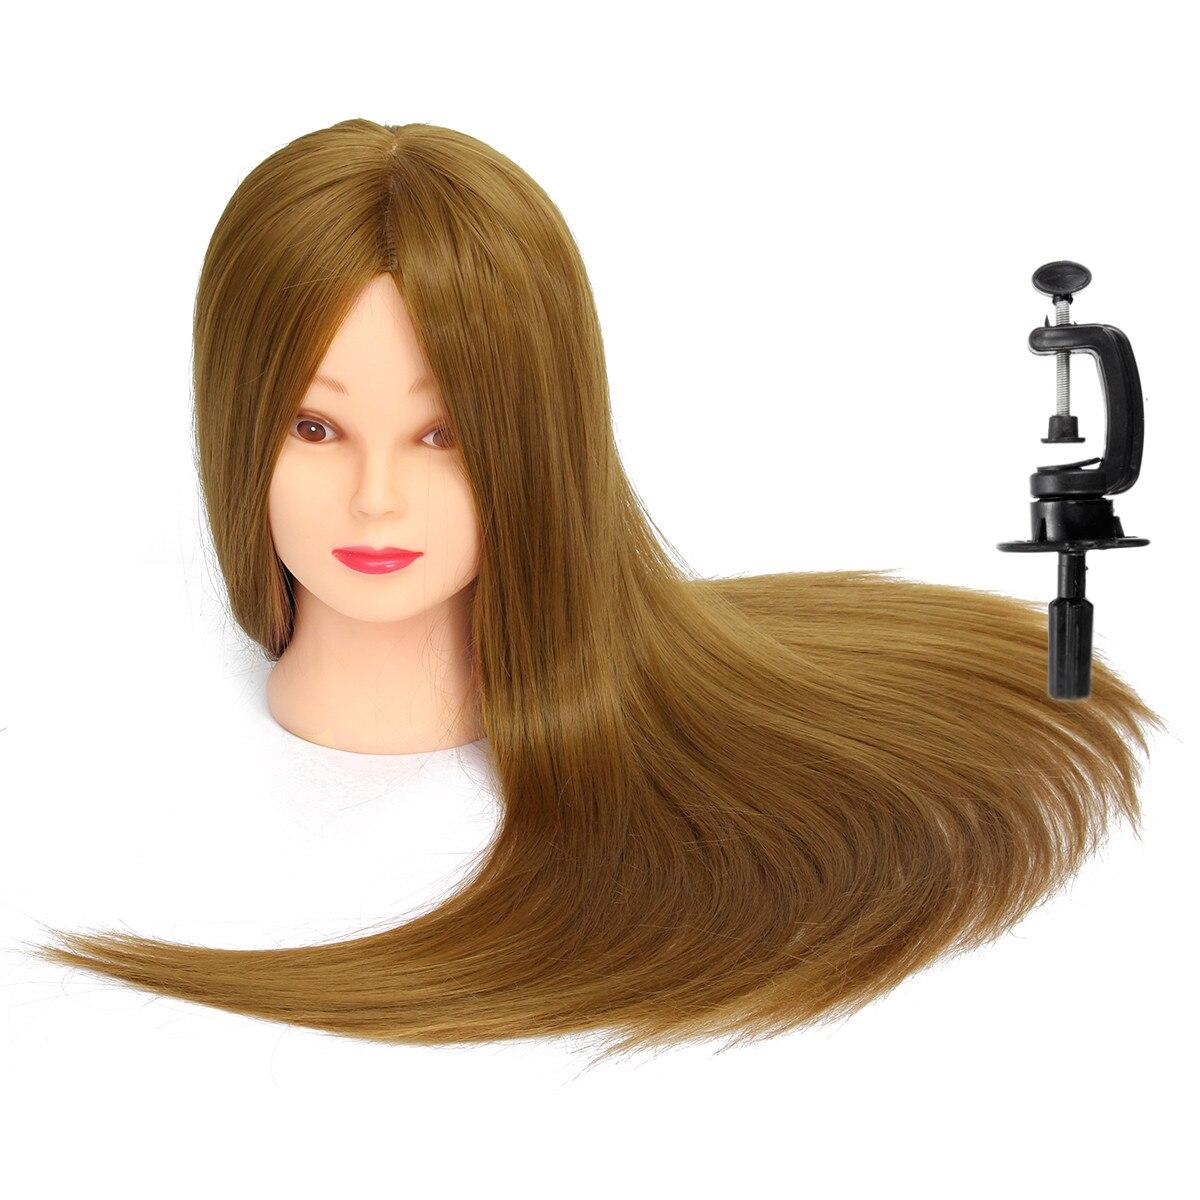 Профессиональный женский манекен для парикмахерской, 26 дюймов